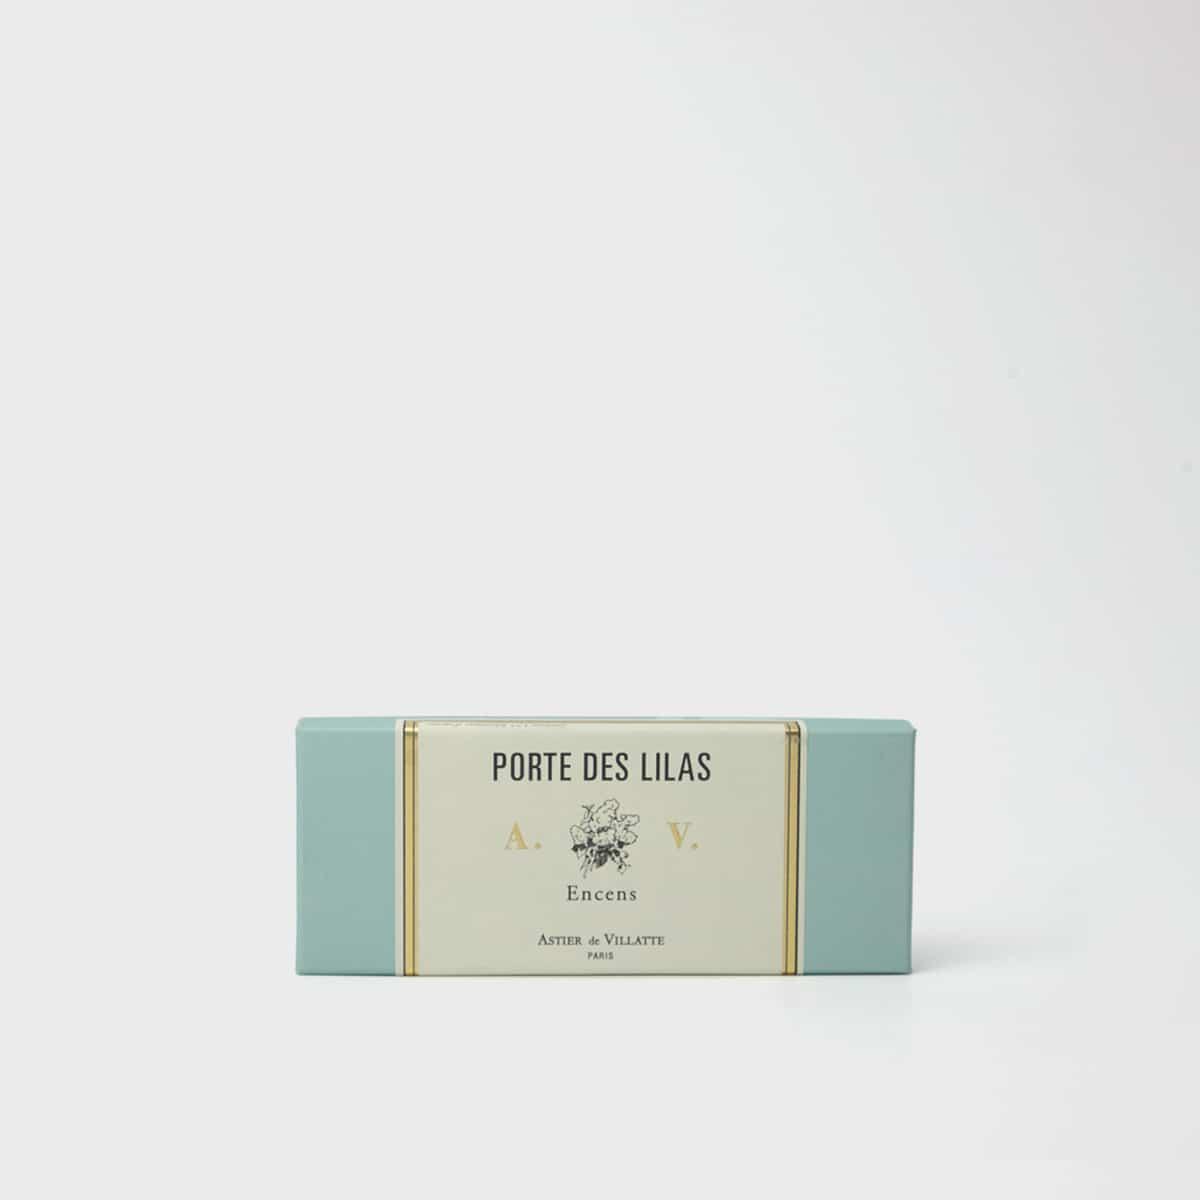 Astier De Villatte Porte Des Lilas incense